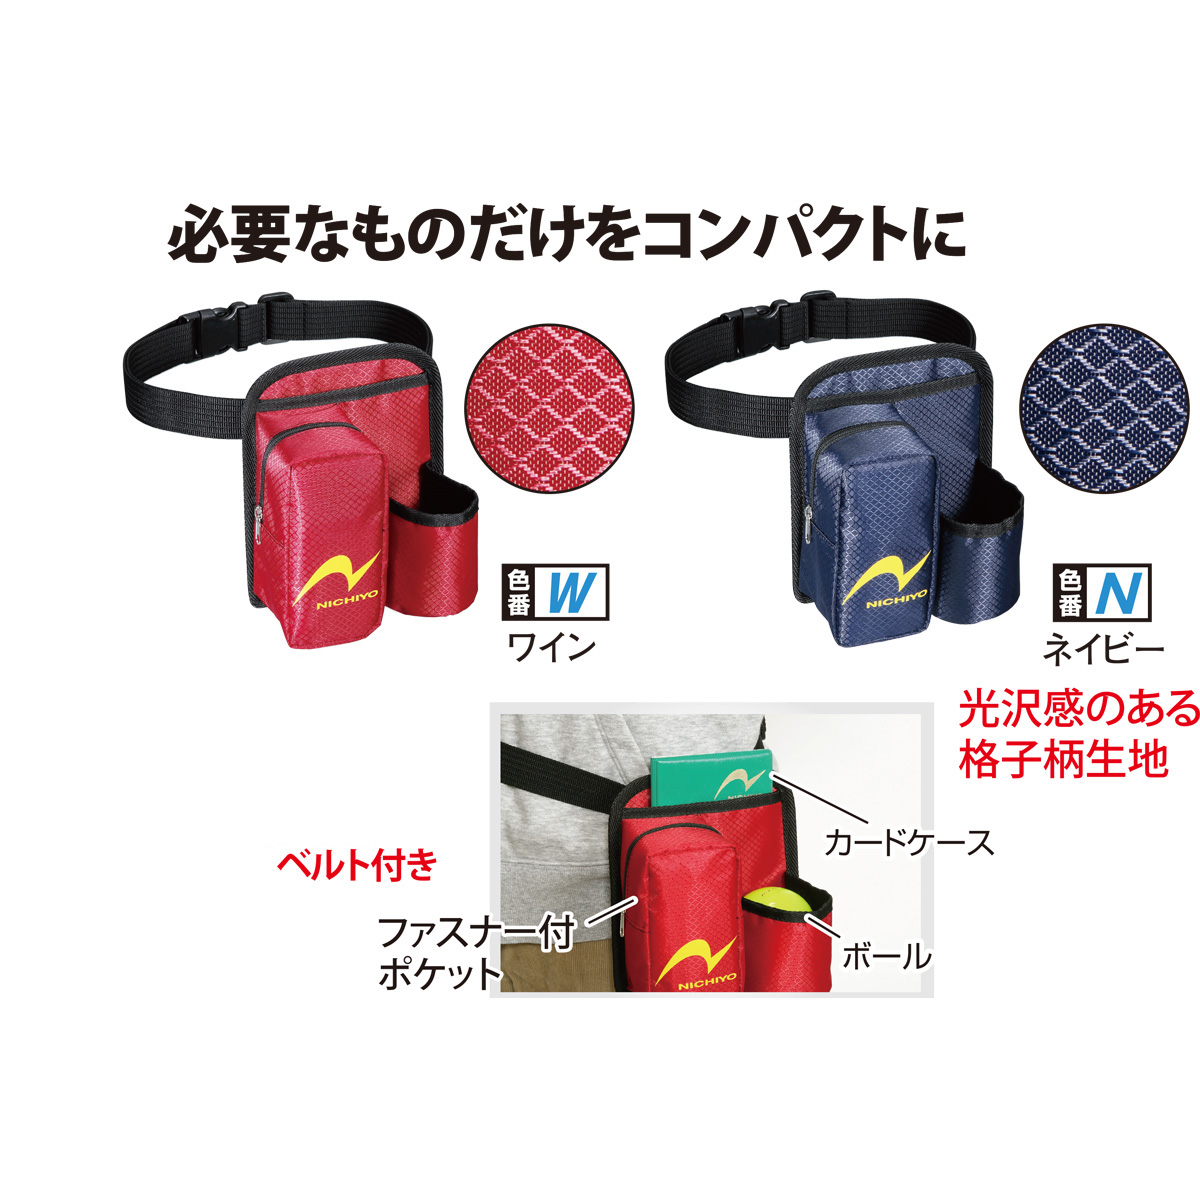 グラウンドゴルフ ニチヨー NICHIYO スマートポーチ SMP Ground Golf グラウンドゴルフ用品 グランドゴルフ用品